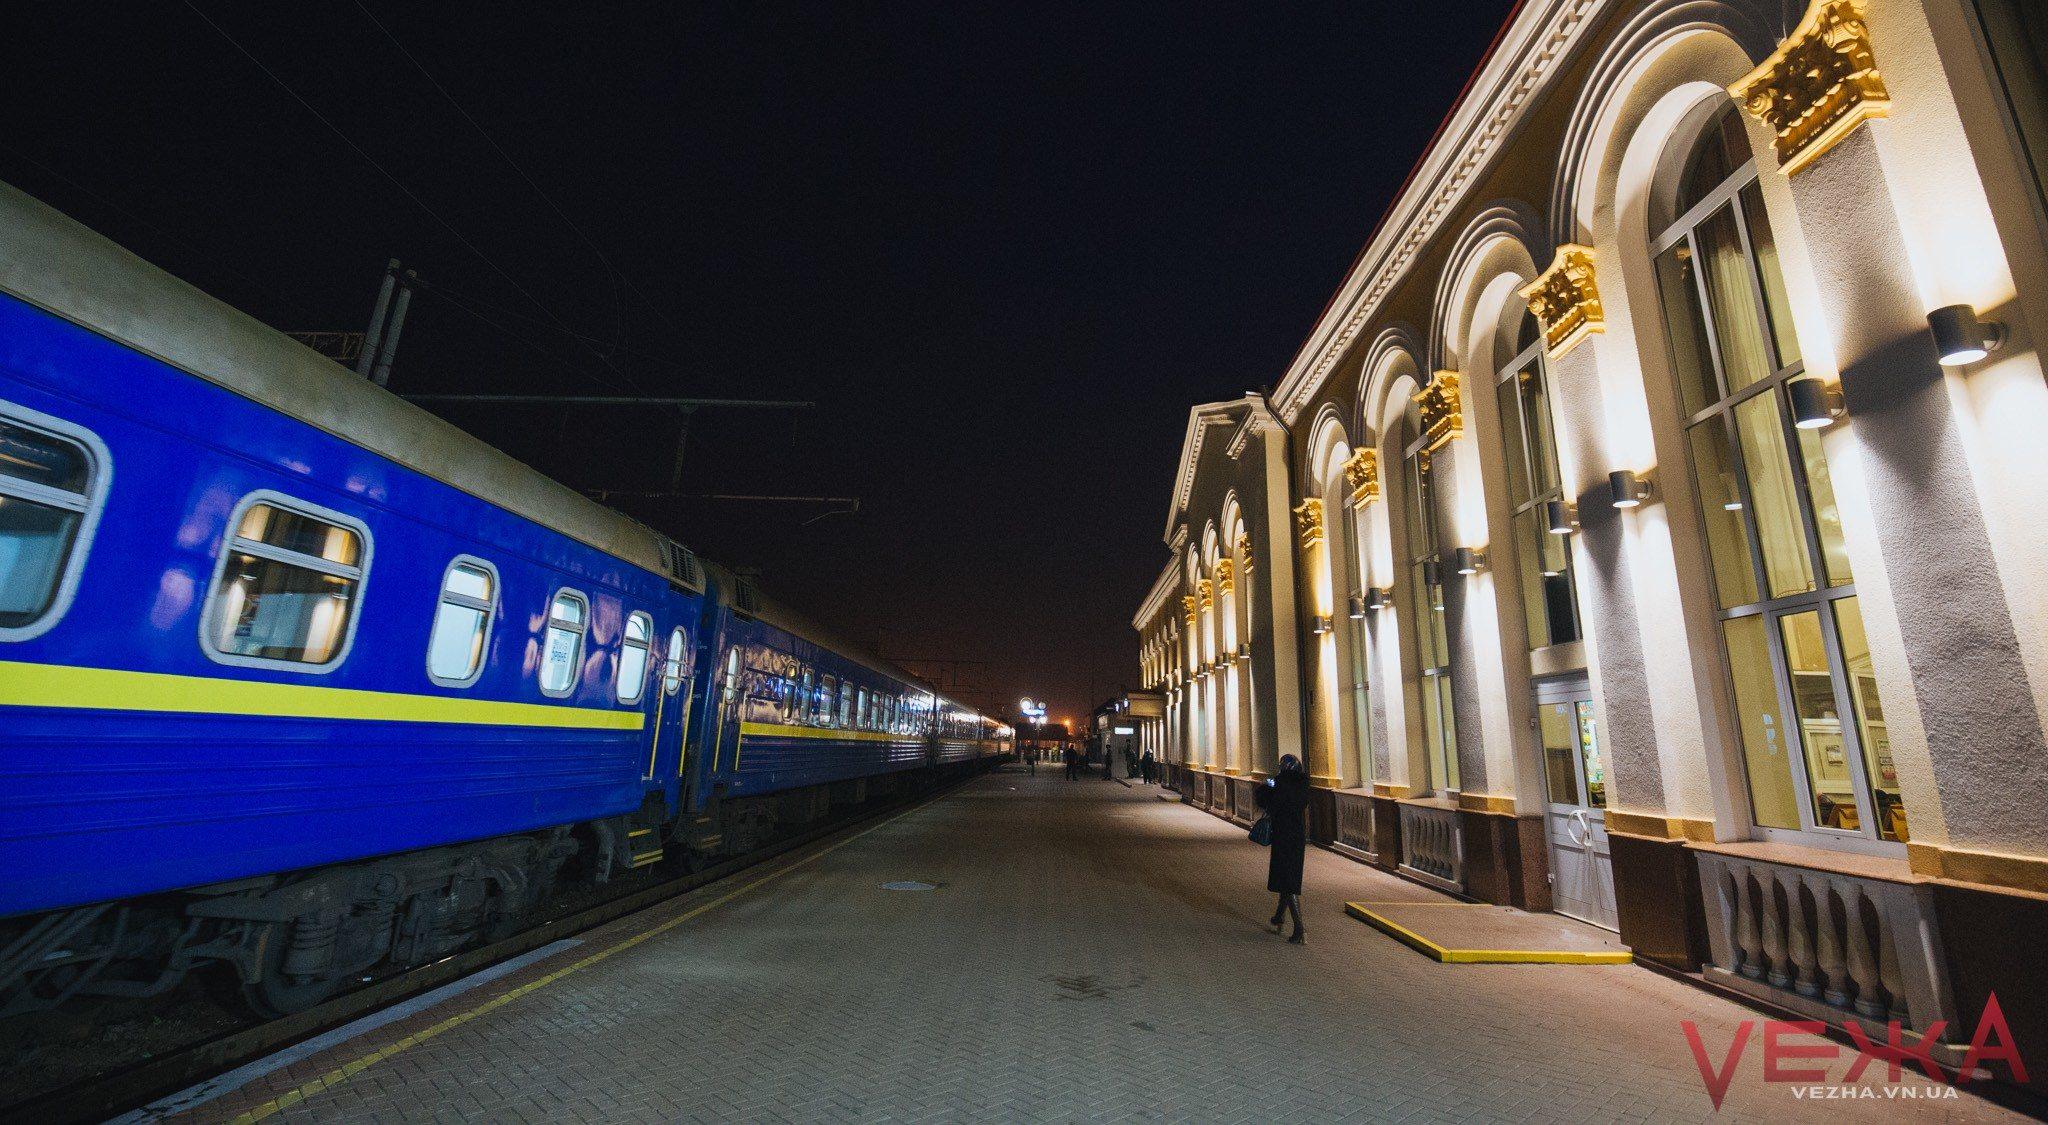 На Великдень через Вінниччину курсуватимуть додаткові потяги